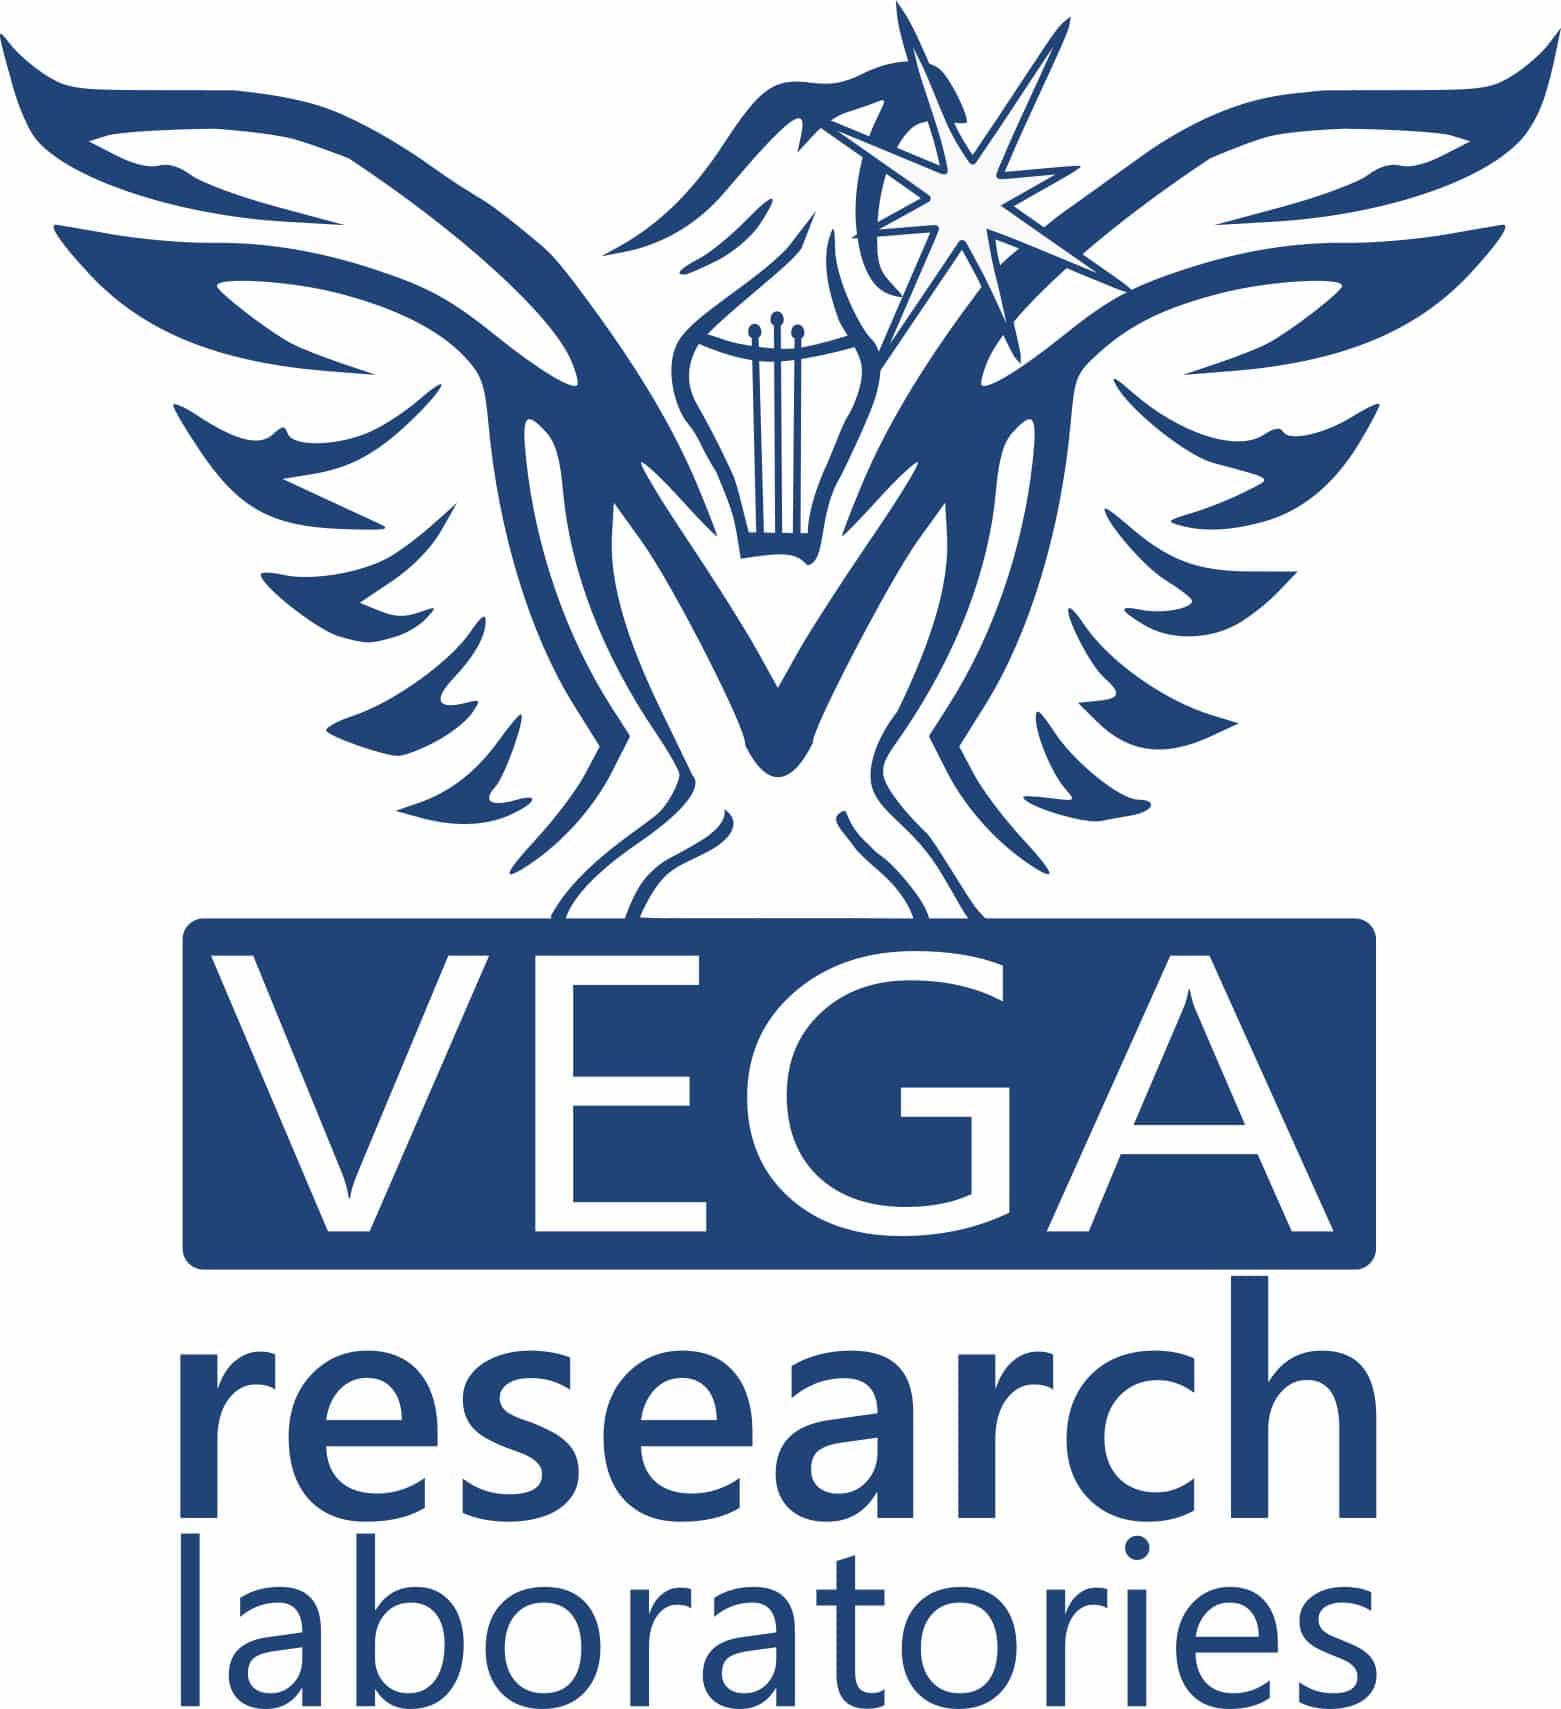 vega research